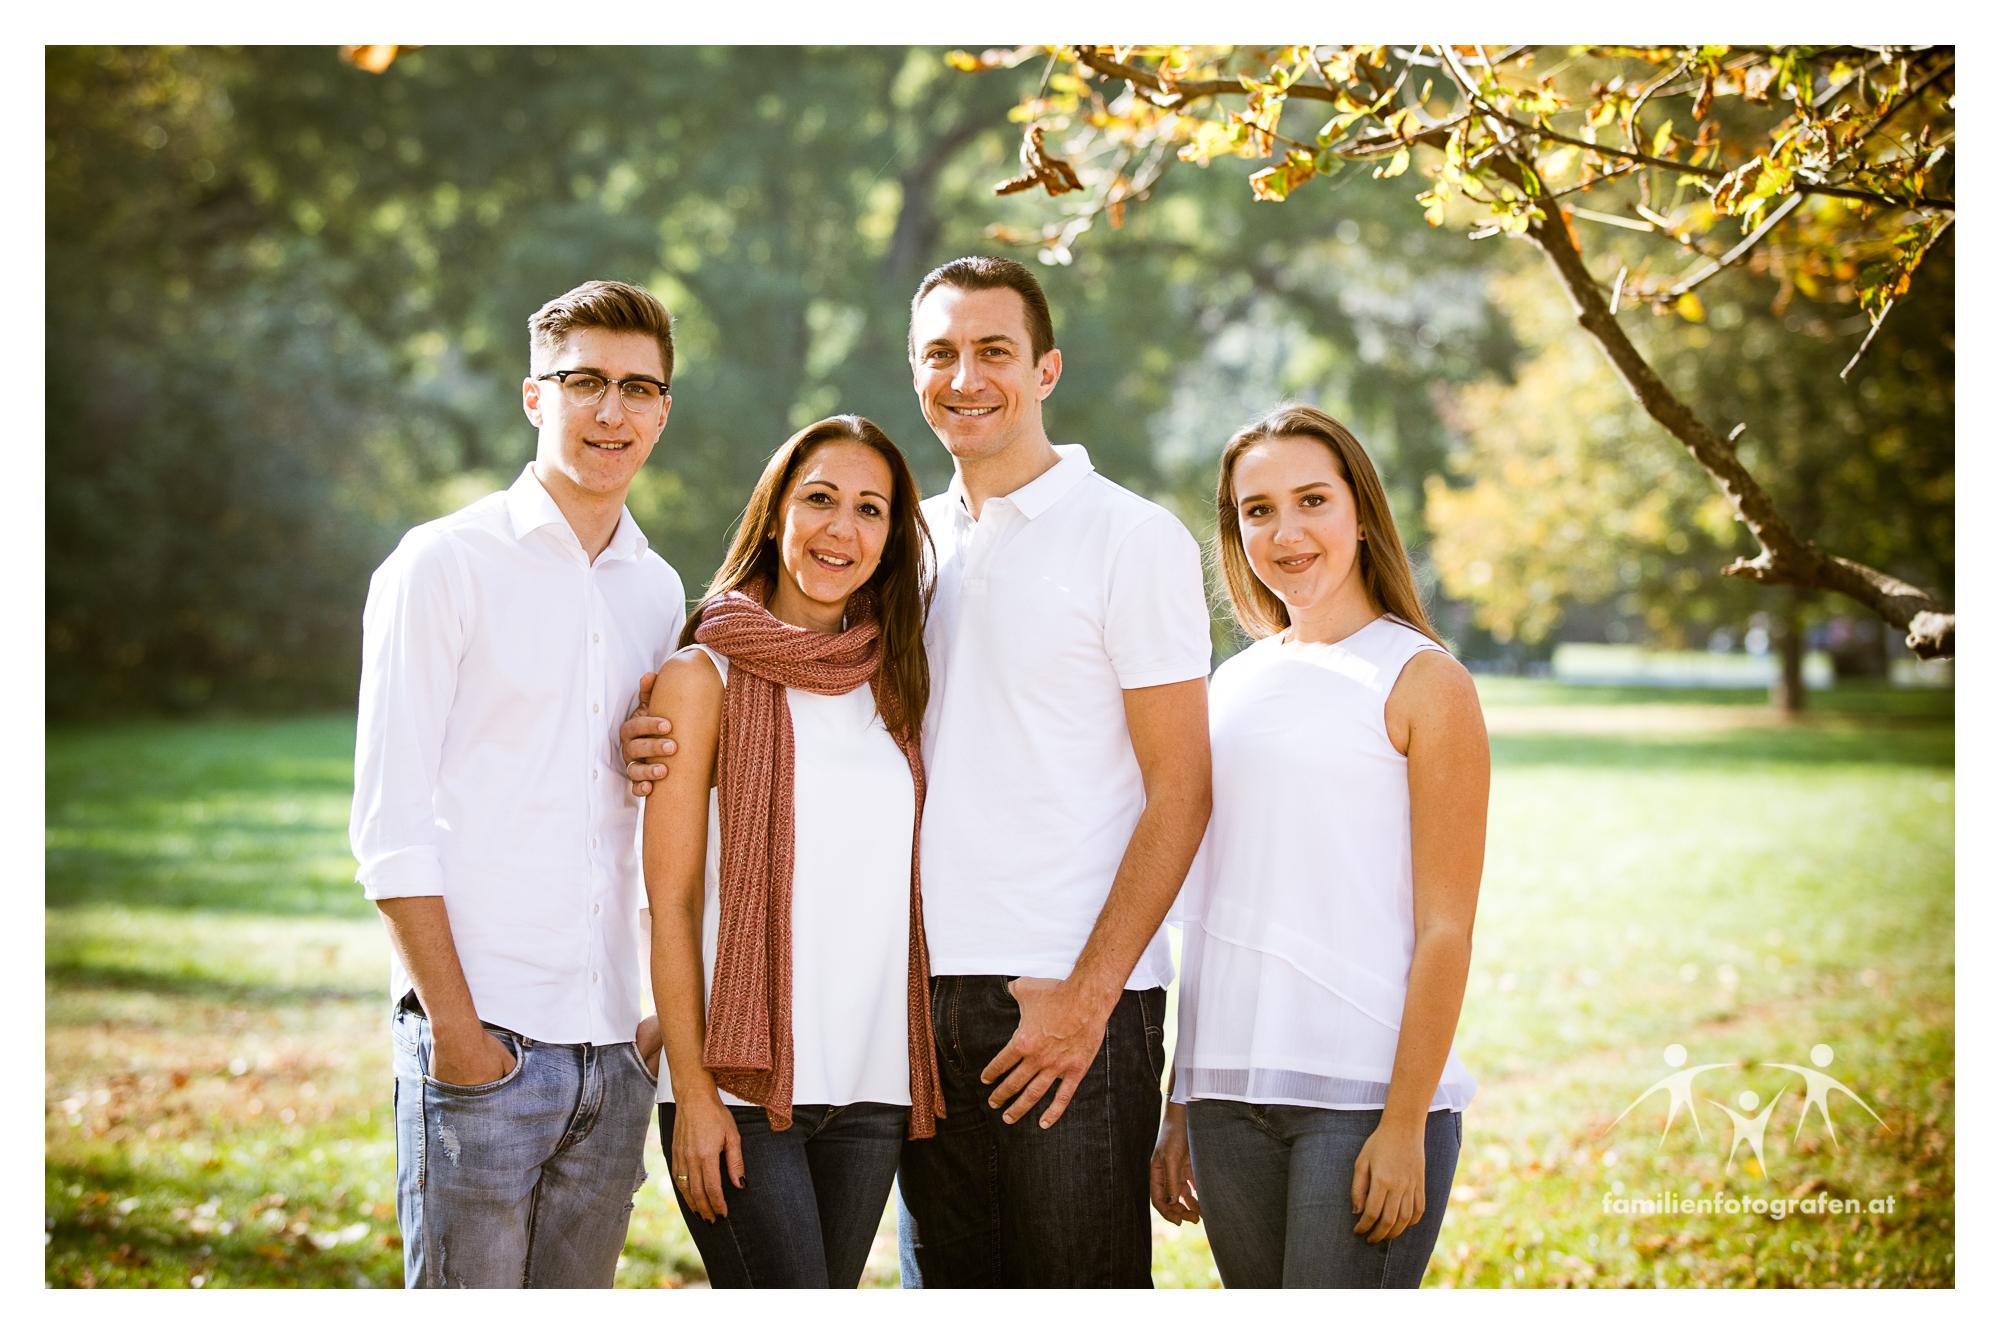 Familienfotos in Wien-04